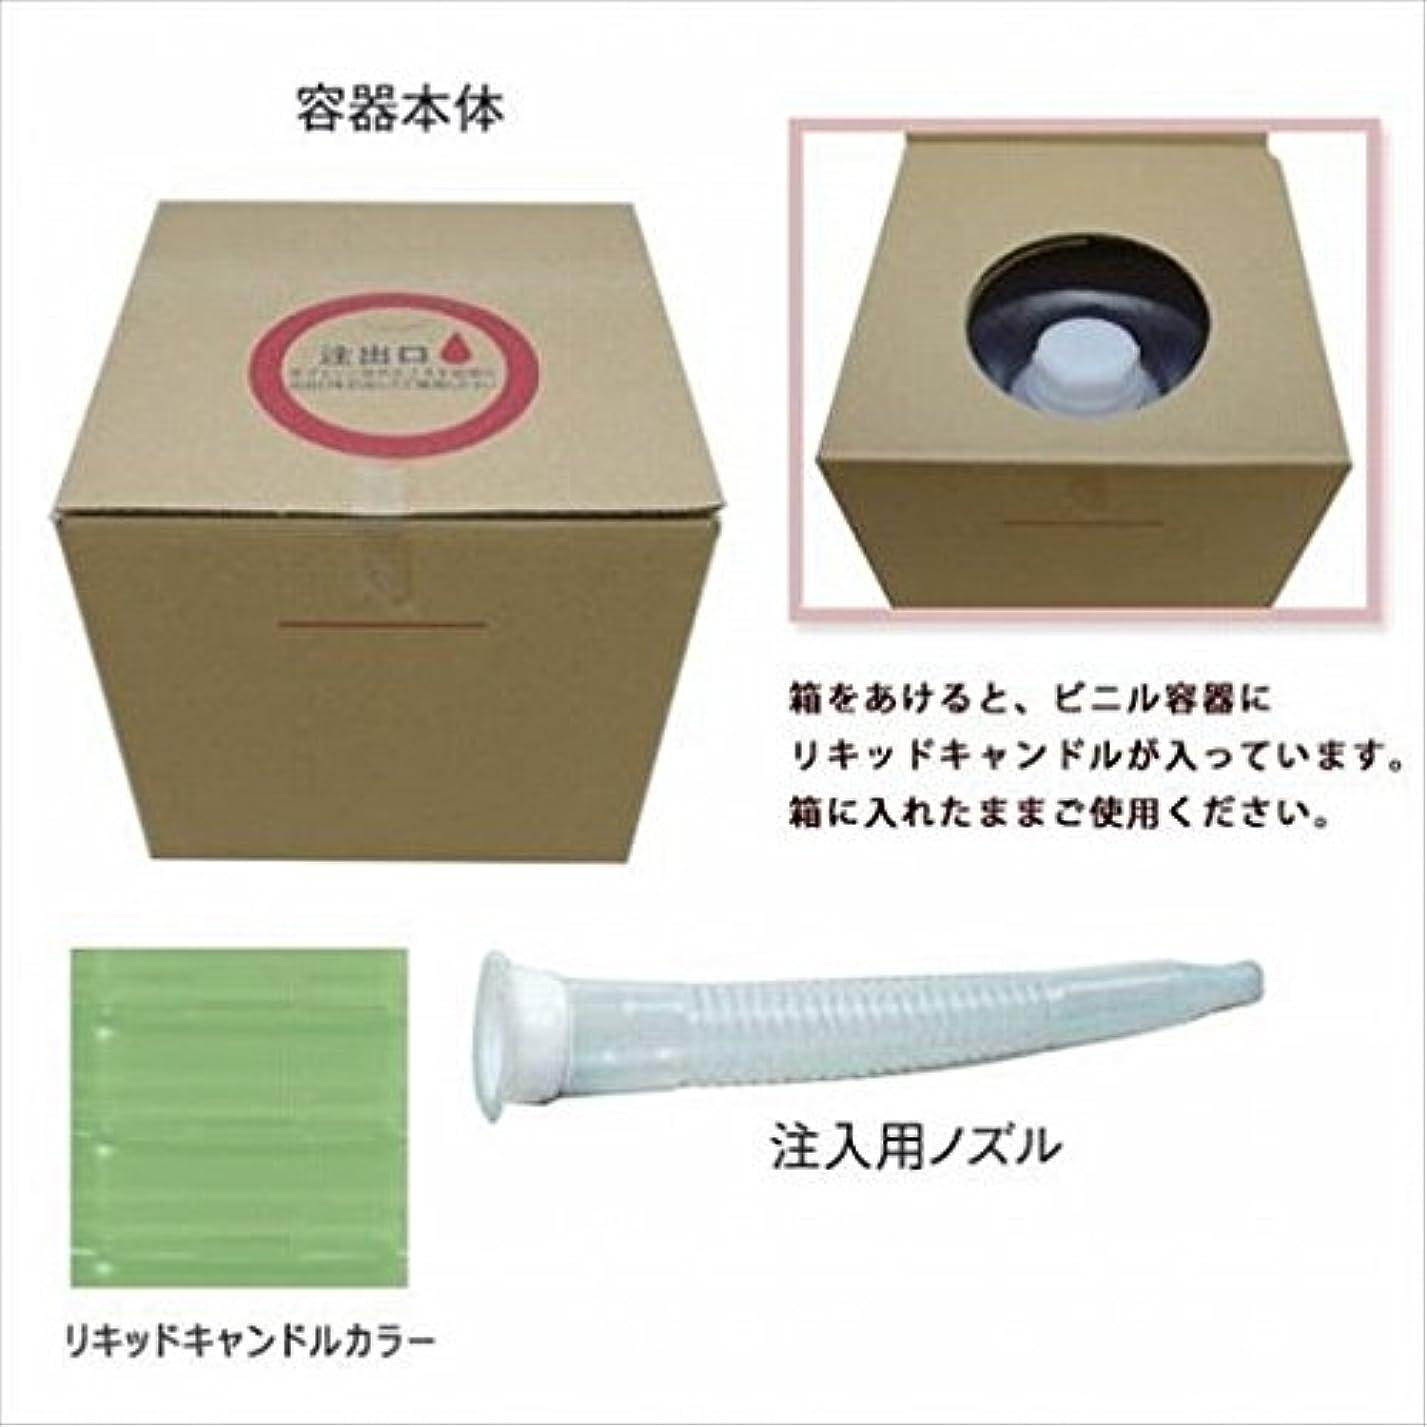 相互外交問題拒否kameyama candle(カメヤマキャンドル) リキッドキャンドル5リットル 「 ライトグリーン 」(77320000LG)